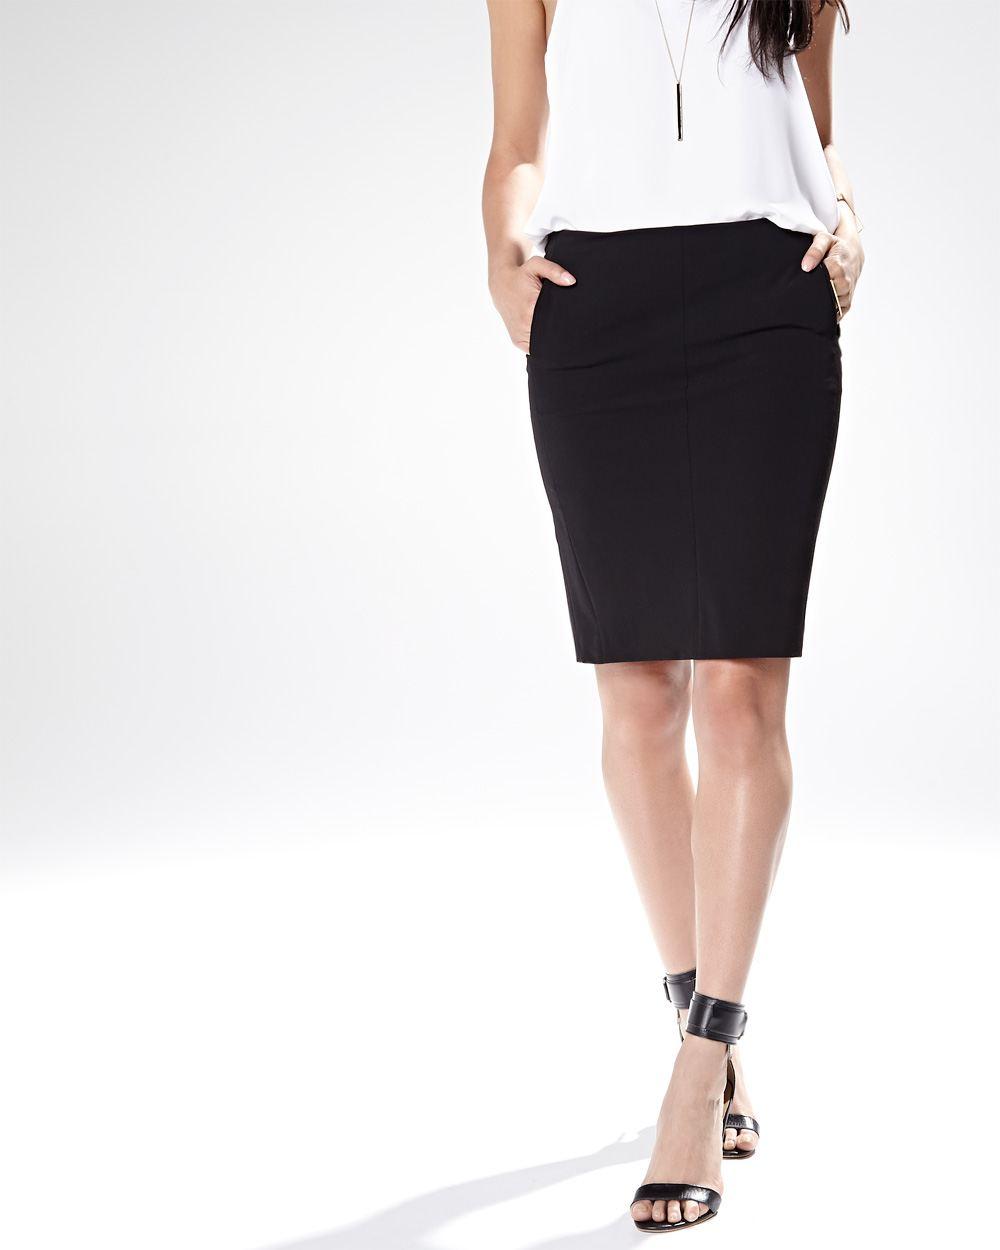 Jupe noire avec poche - Achat / Vente Jupe noire avec